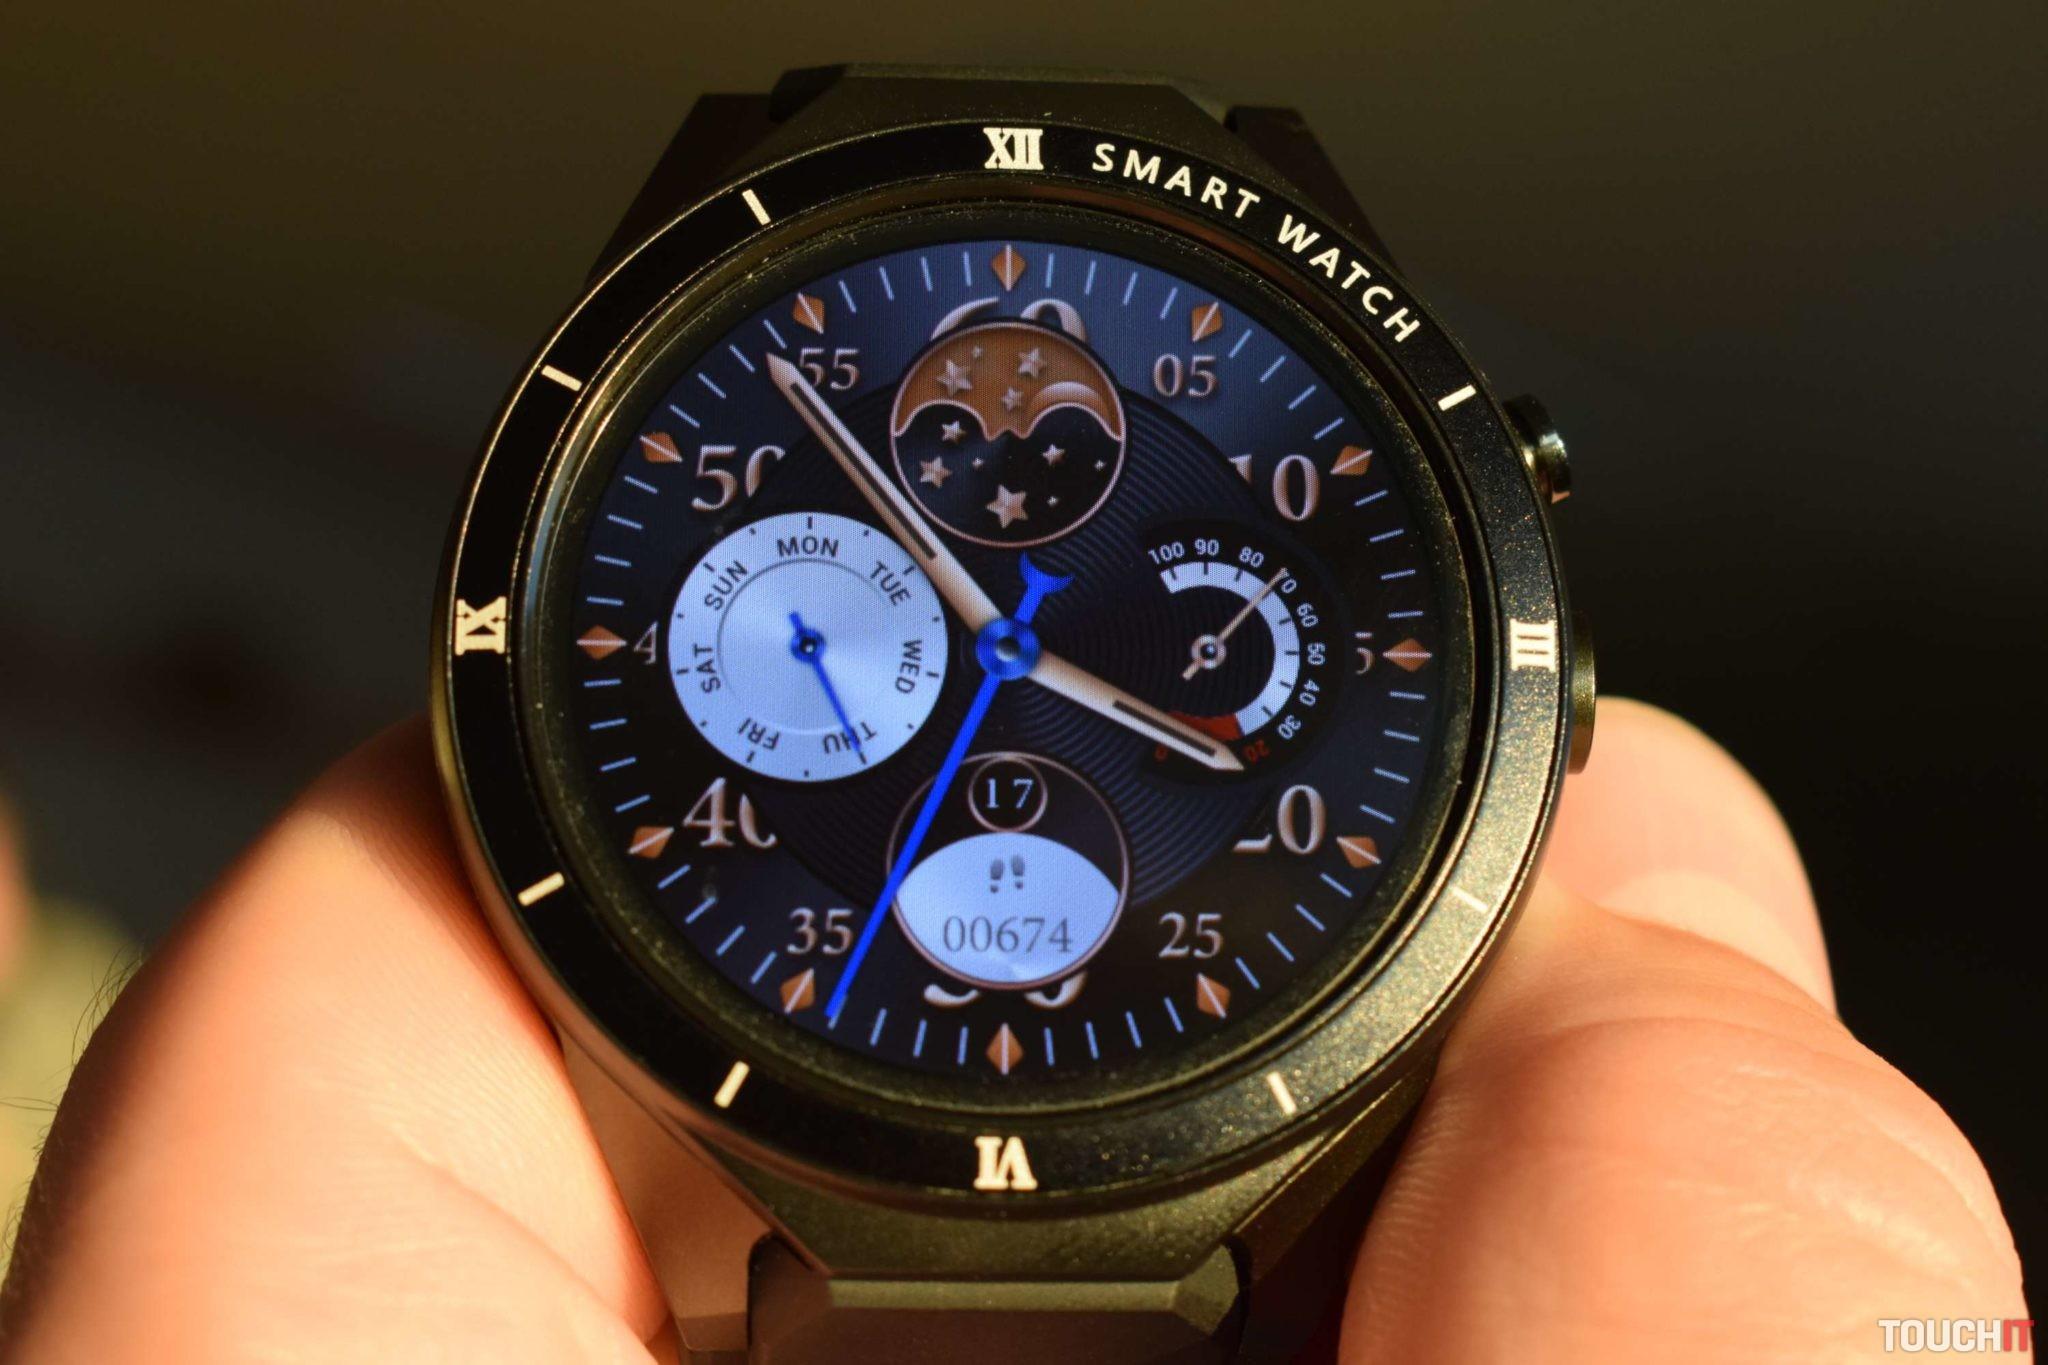 659b94e47 Medzi najväčšie prednosti patrí pekný, 1,39-palcový Super Amoled displej s  rozlíšením 400×400 pixelov. Za tento panel by sa nemuseli hanbiť ani hodinky  s ...